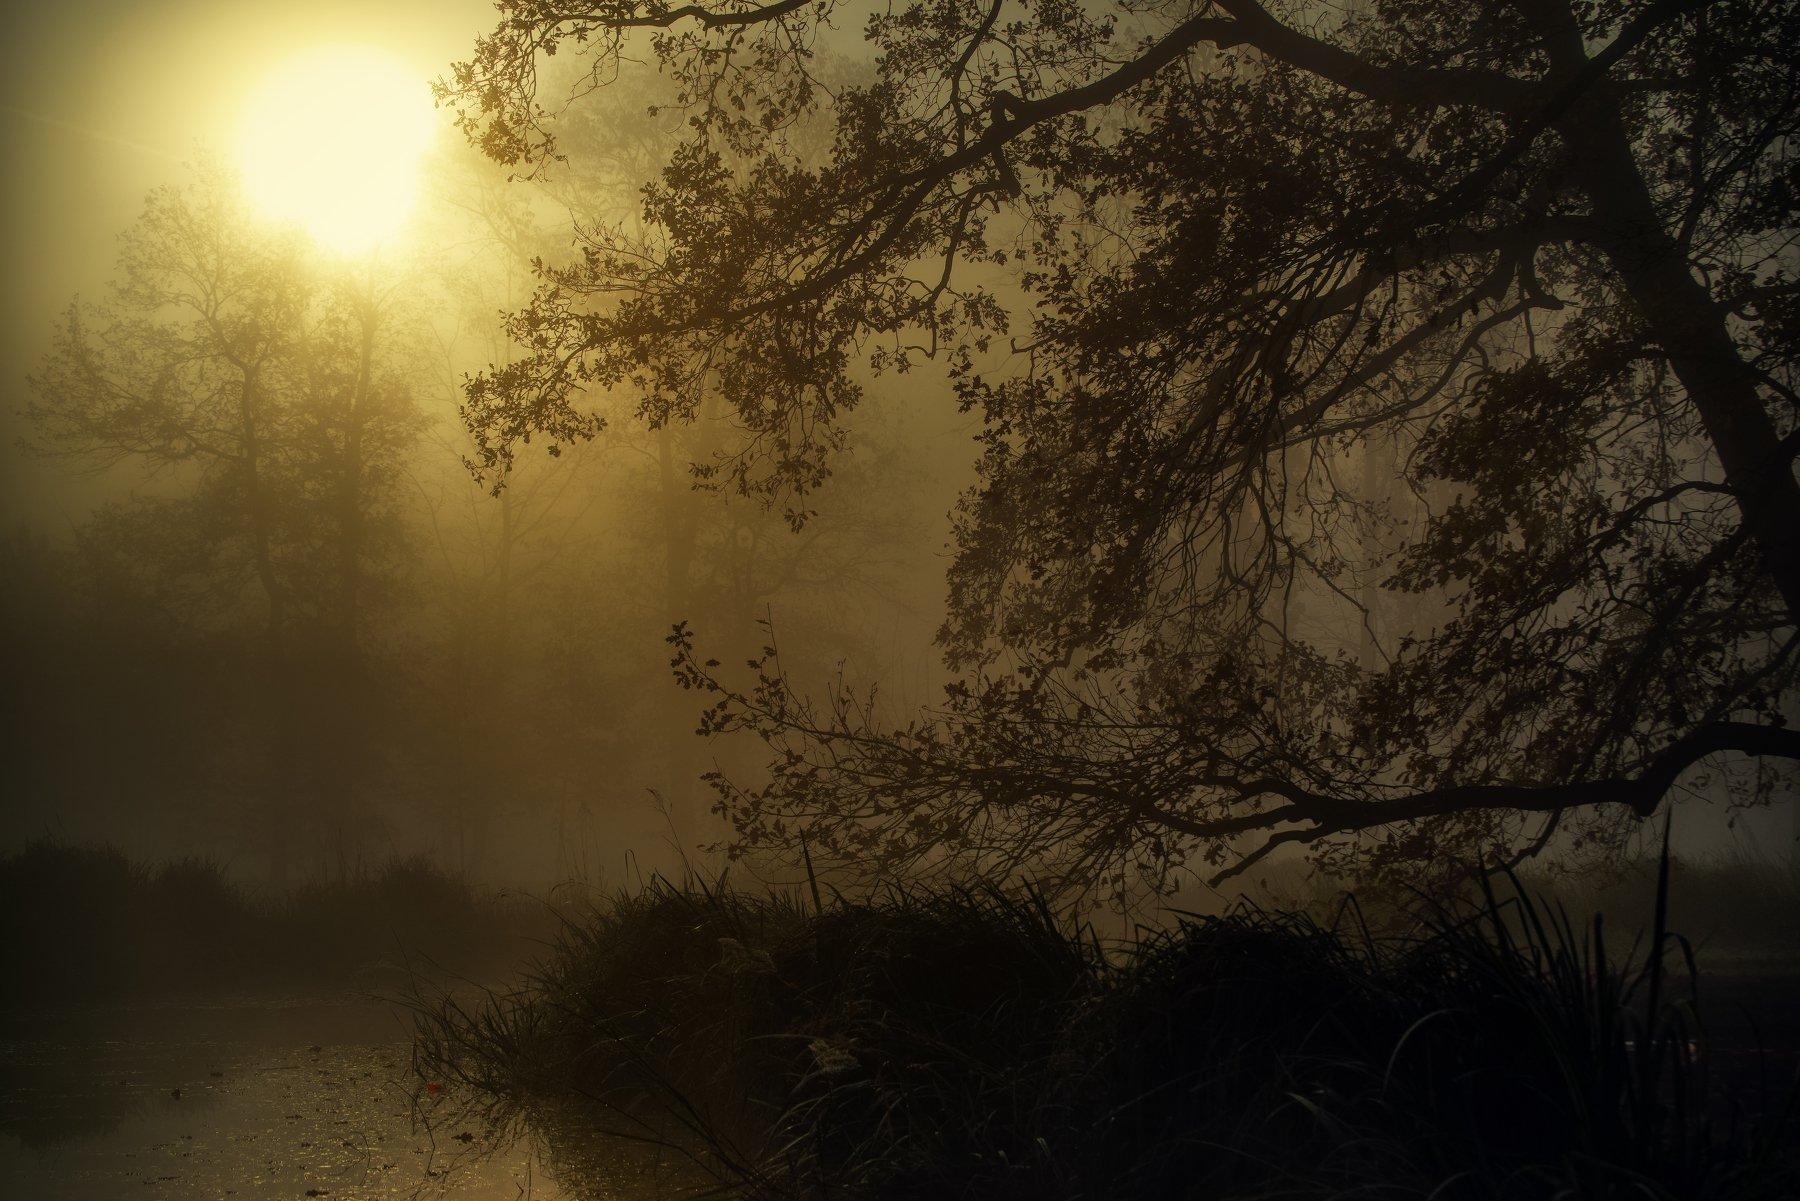 Утро Осень Прага Чехия Туман Солнце Деревья Природа Пейзаж Путешествия, Ожерельев Андрей